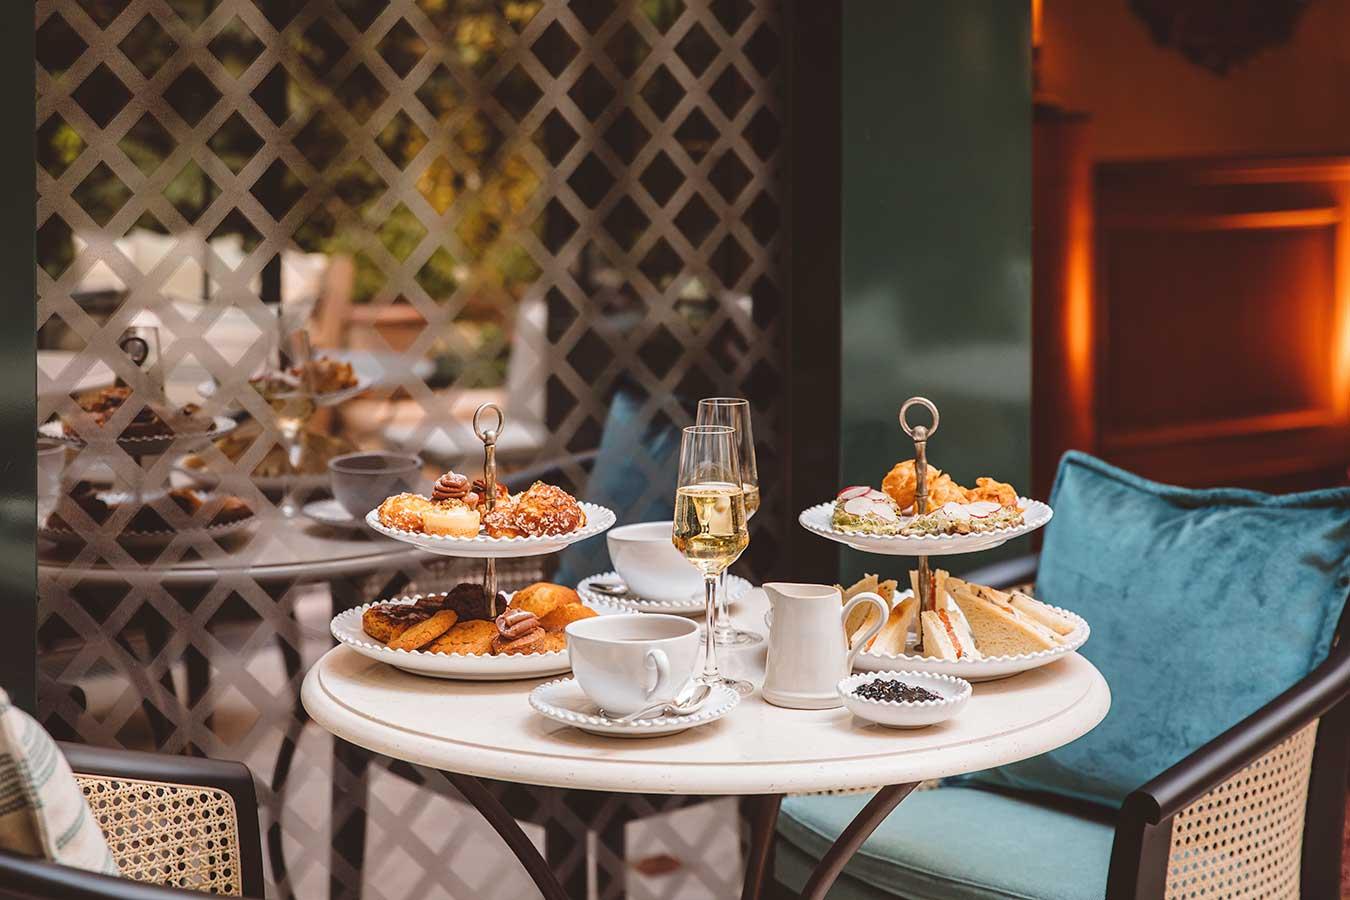 Tea time - Thé, présentoir à gâteaux sucré et salé, confiture, coupes à champagne disposés sur une table en marbre ronde, fauteuils, sous la verrière du Salon ensoleillée